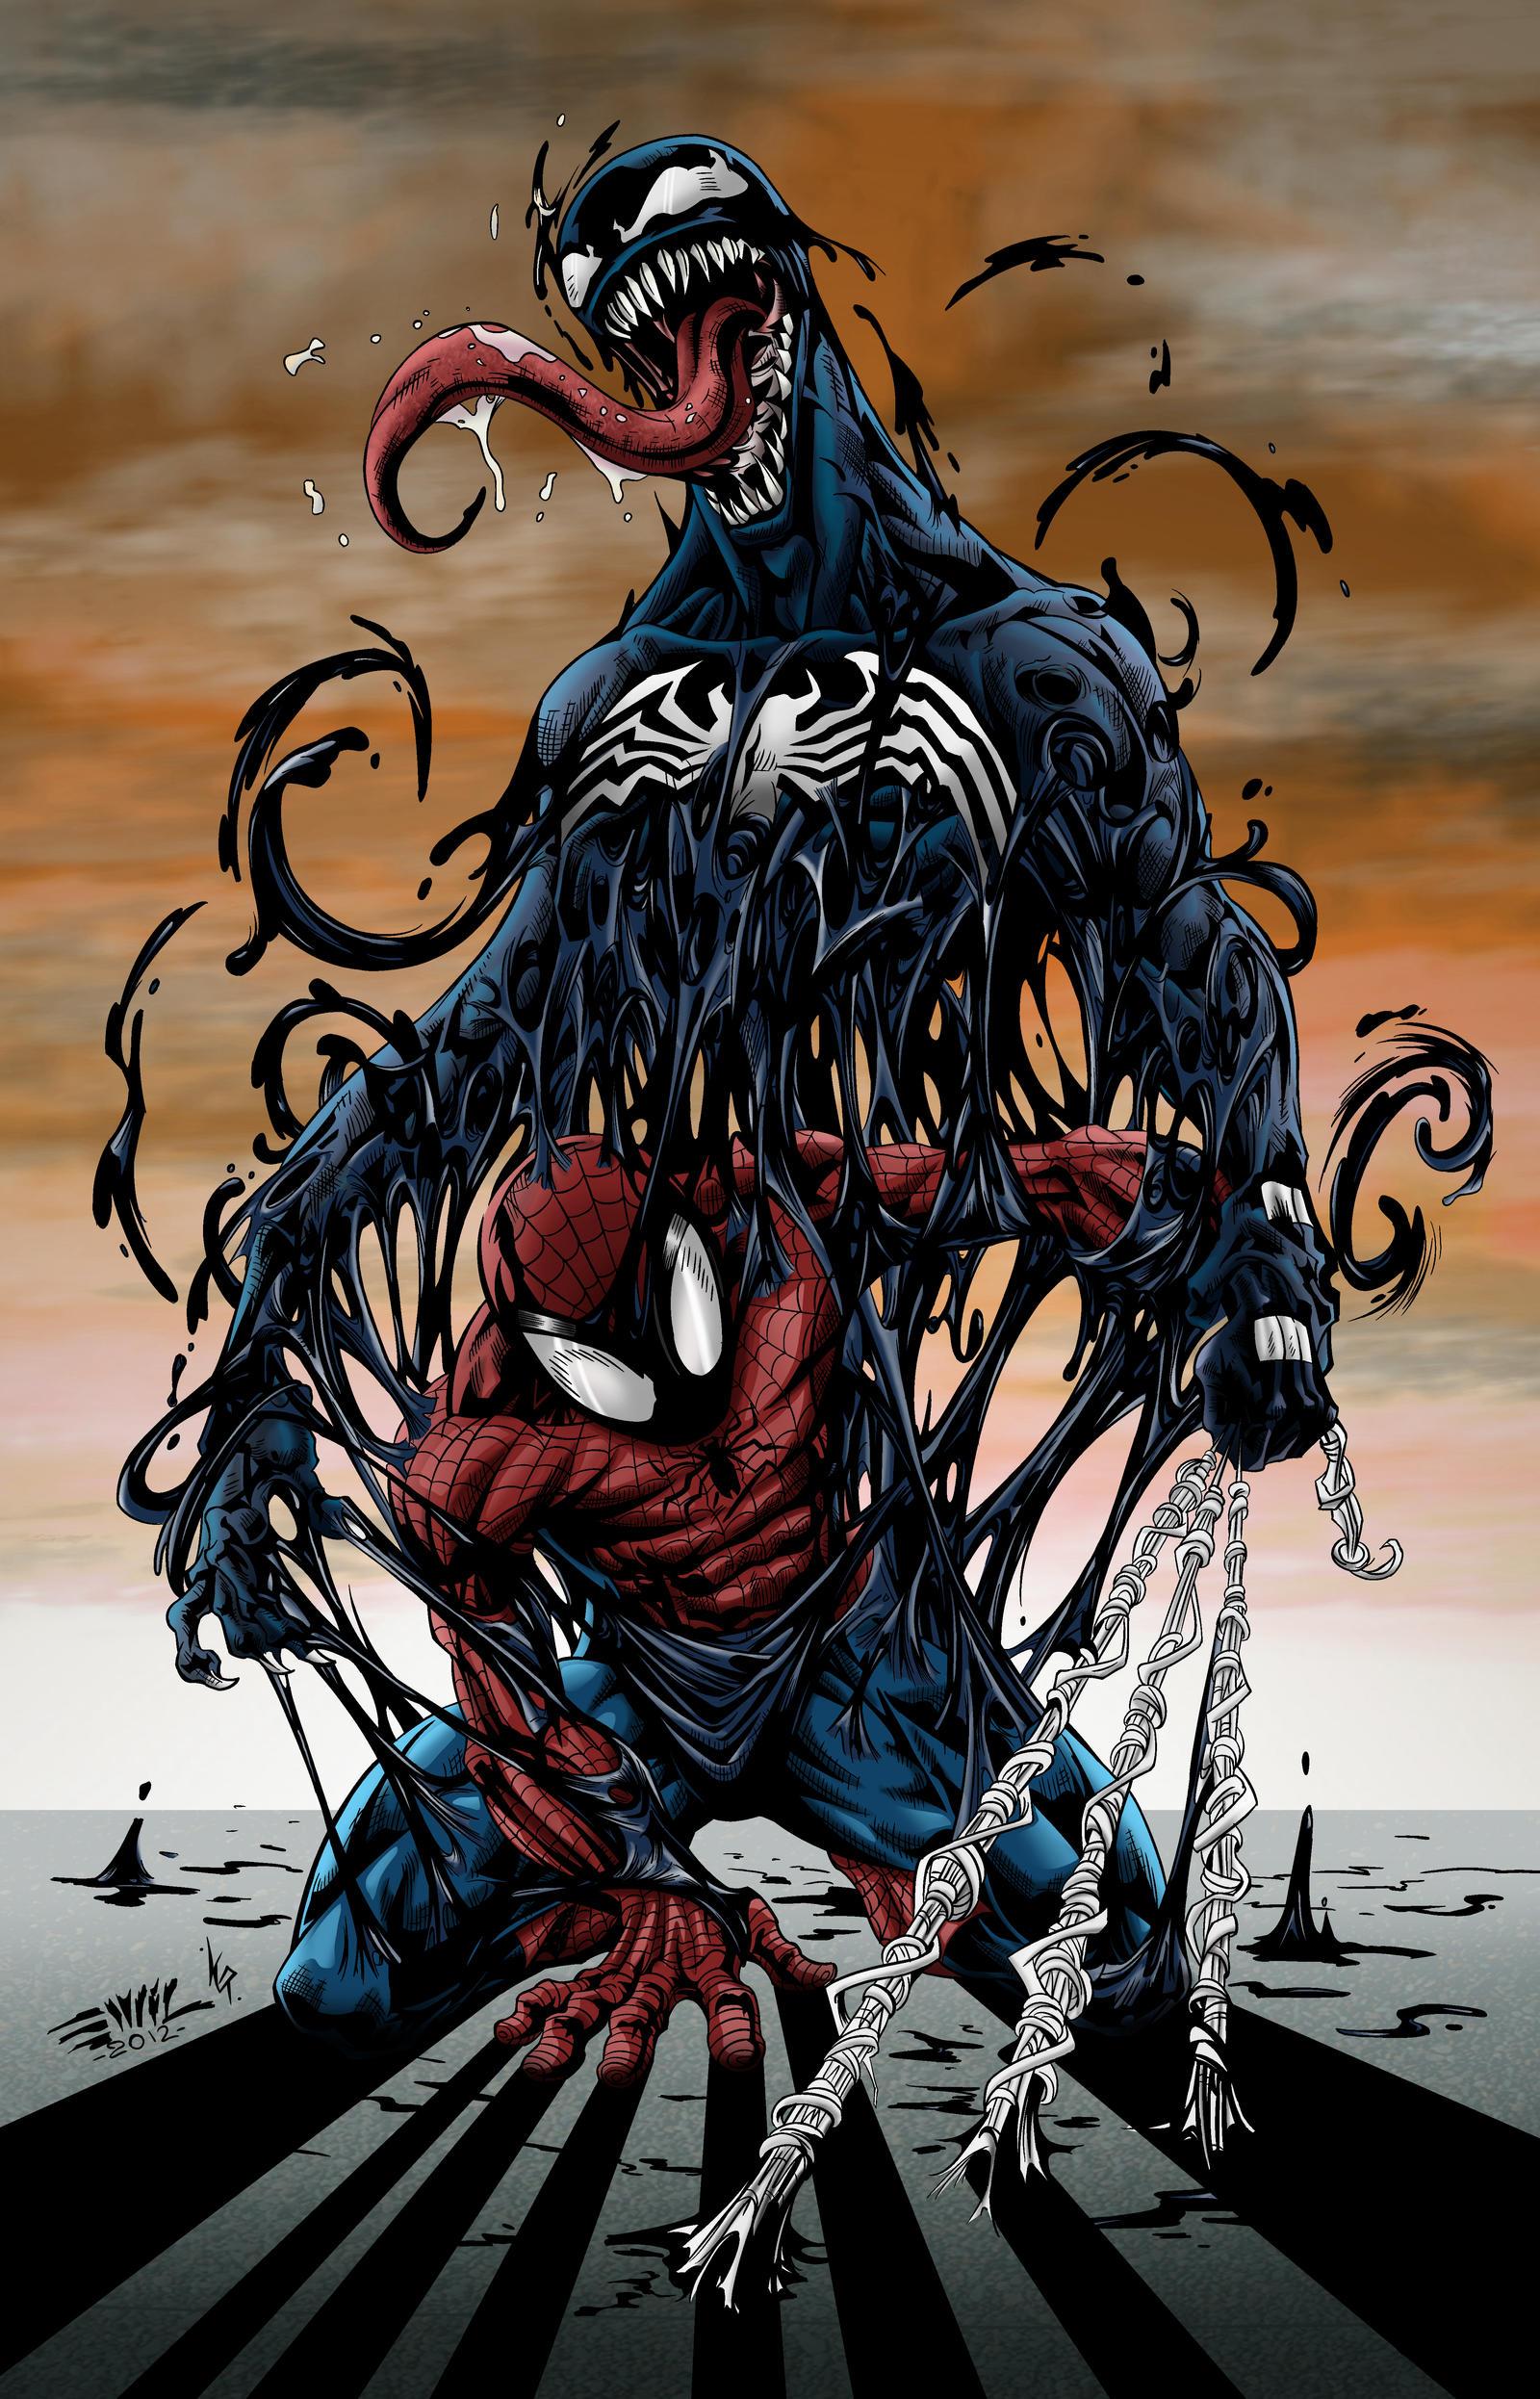 Spider Man Venom by LewisTillett